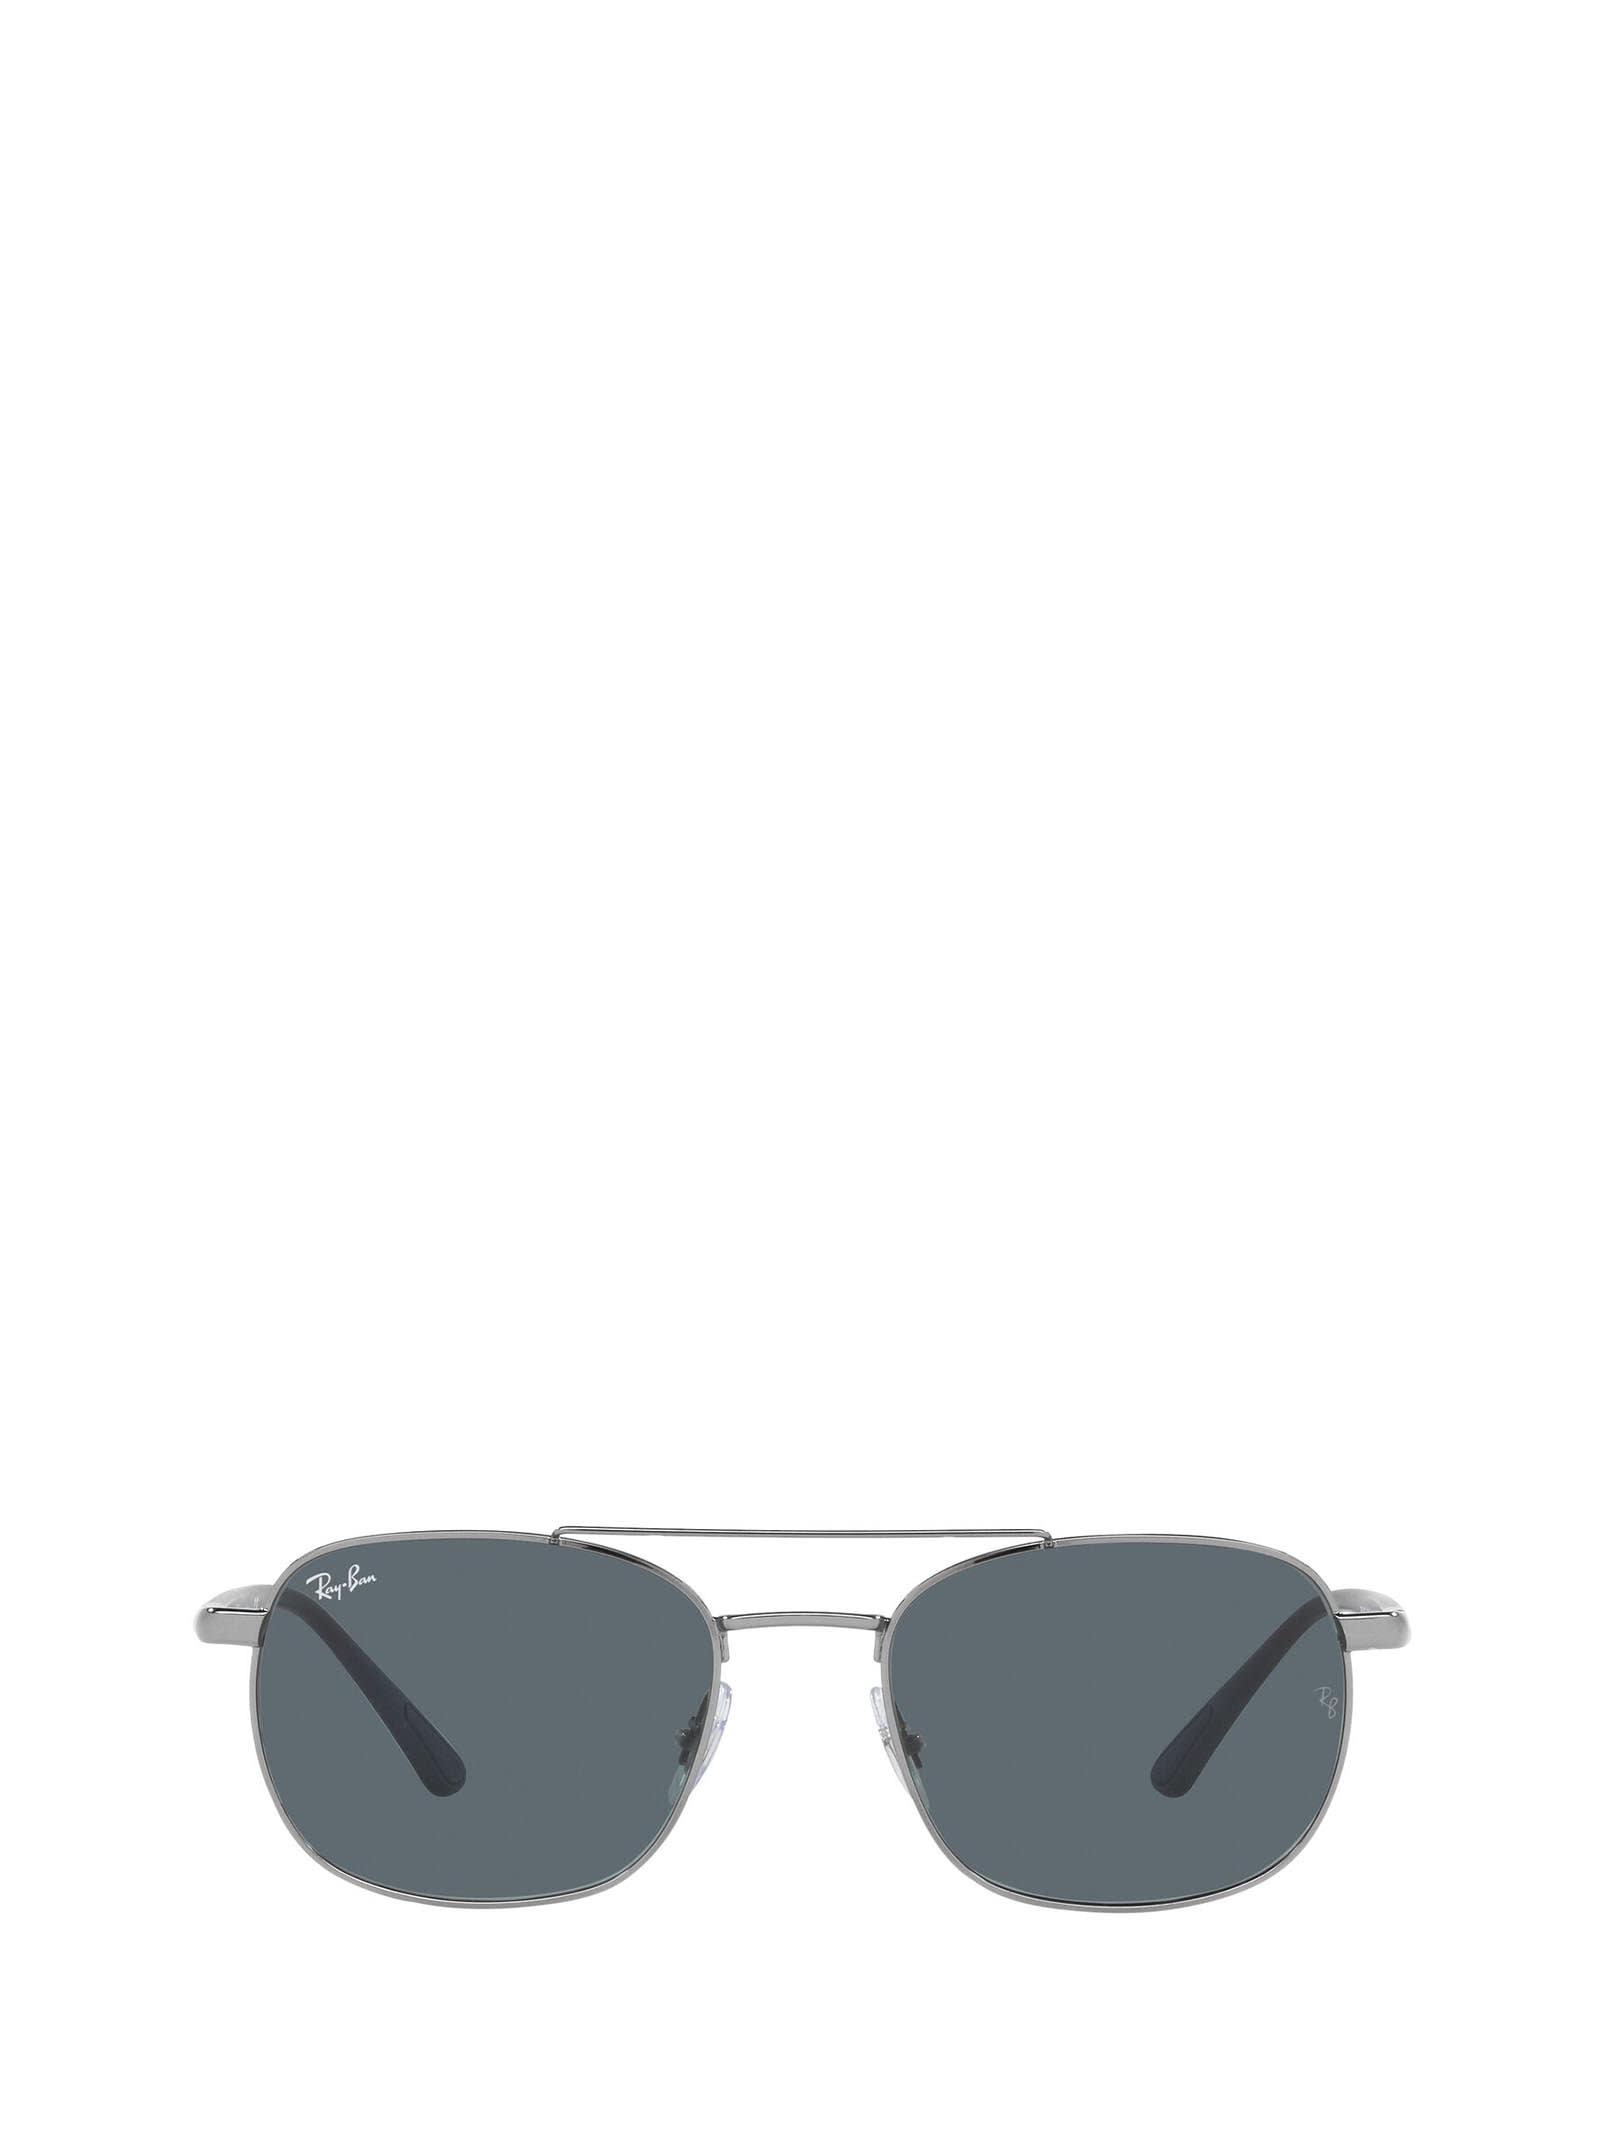 Ray-Ban Ray-ban Rb3670 Gunmetal Sunglasses